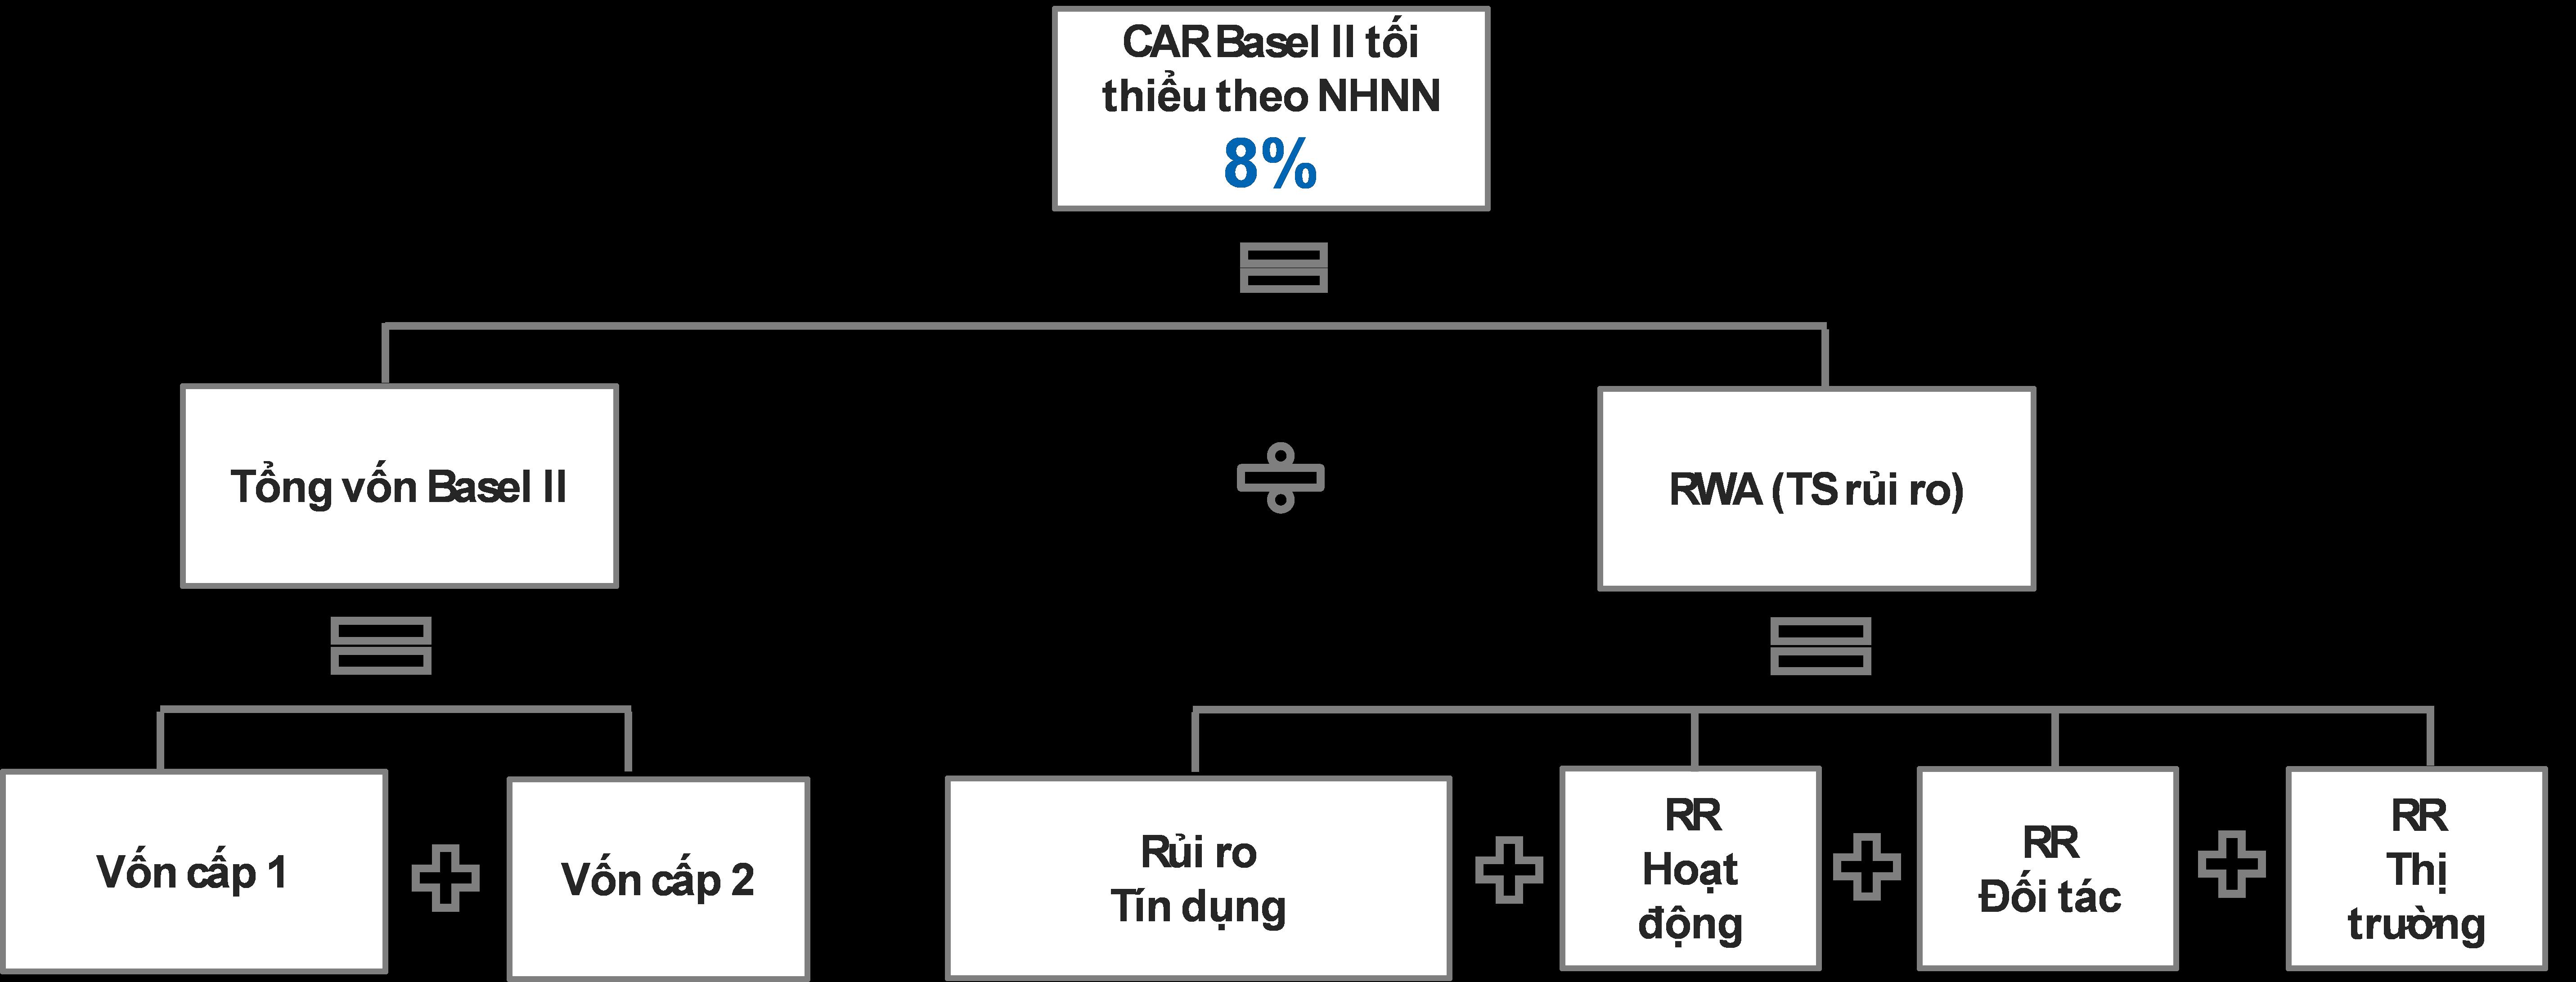 Biểu 2 - Trụ cột 1 – mức độ vốn an toàn tối thiểu Basel II theo quy định của thông tư 41